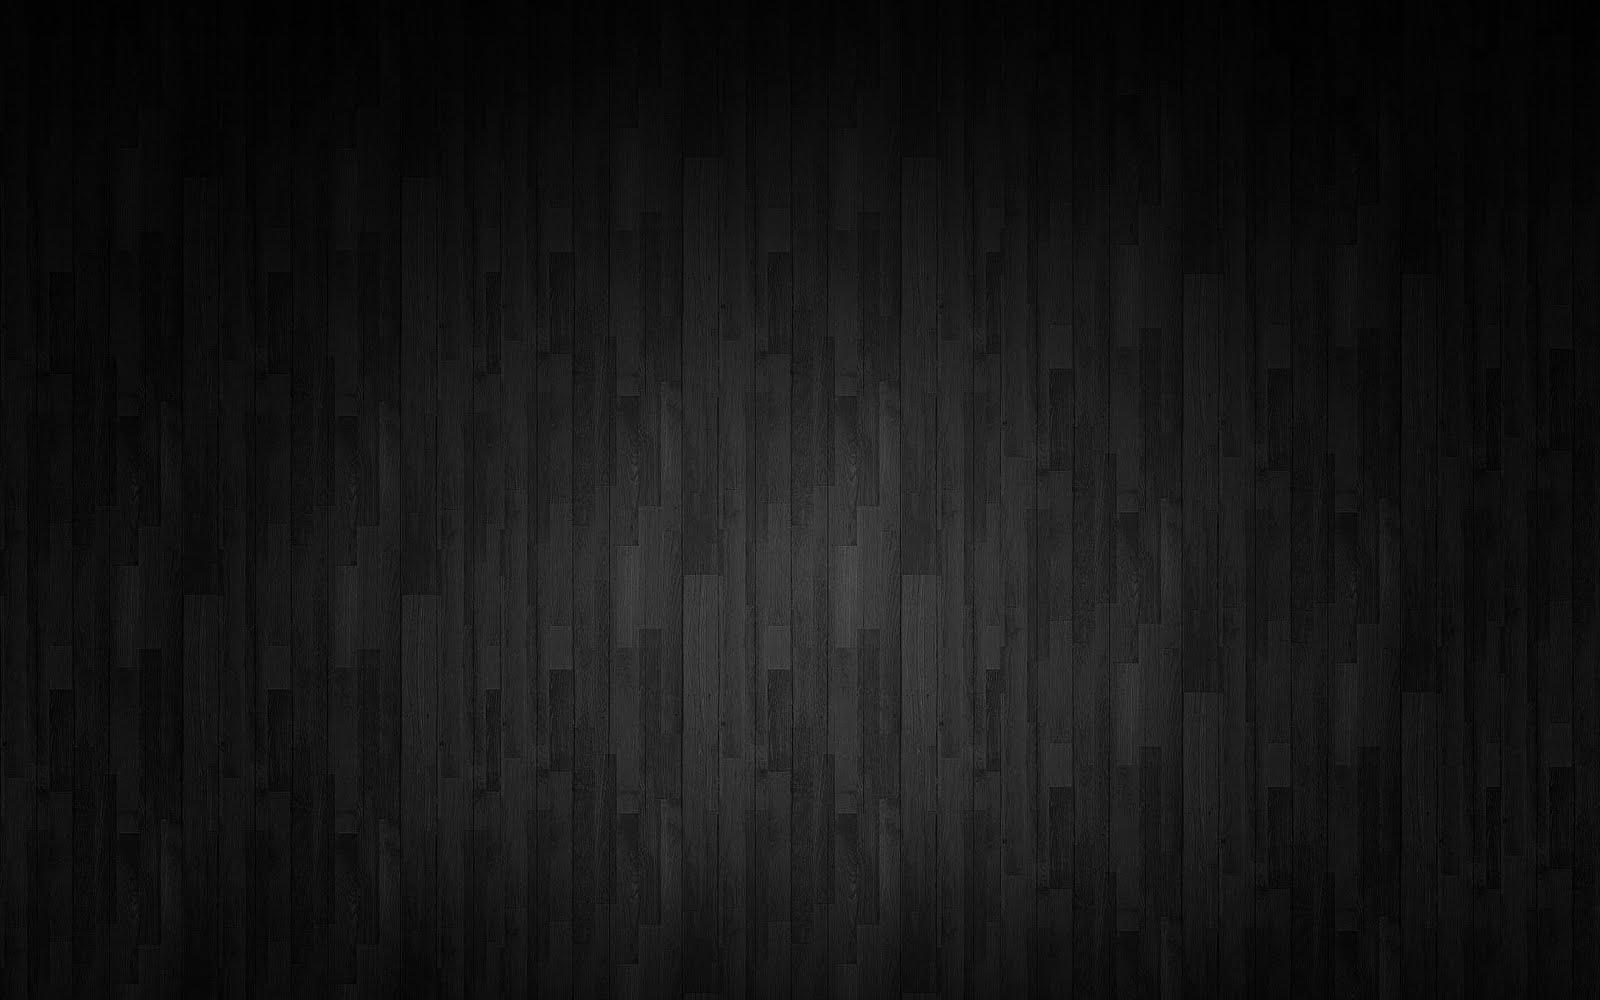 بالصور خلفيات خشب , اجمل الخلفيات الخشبيه 3502 6